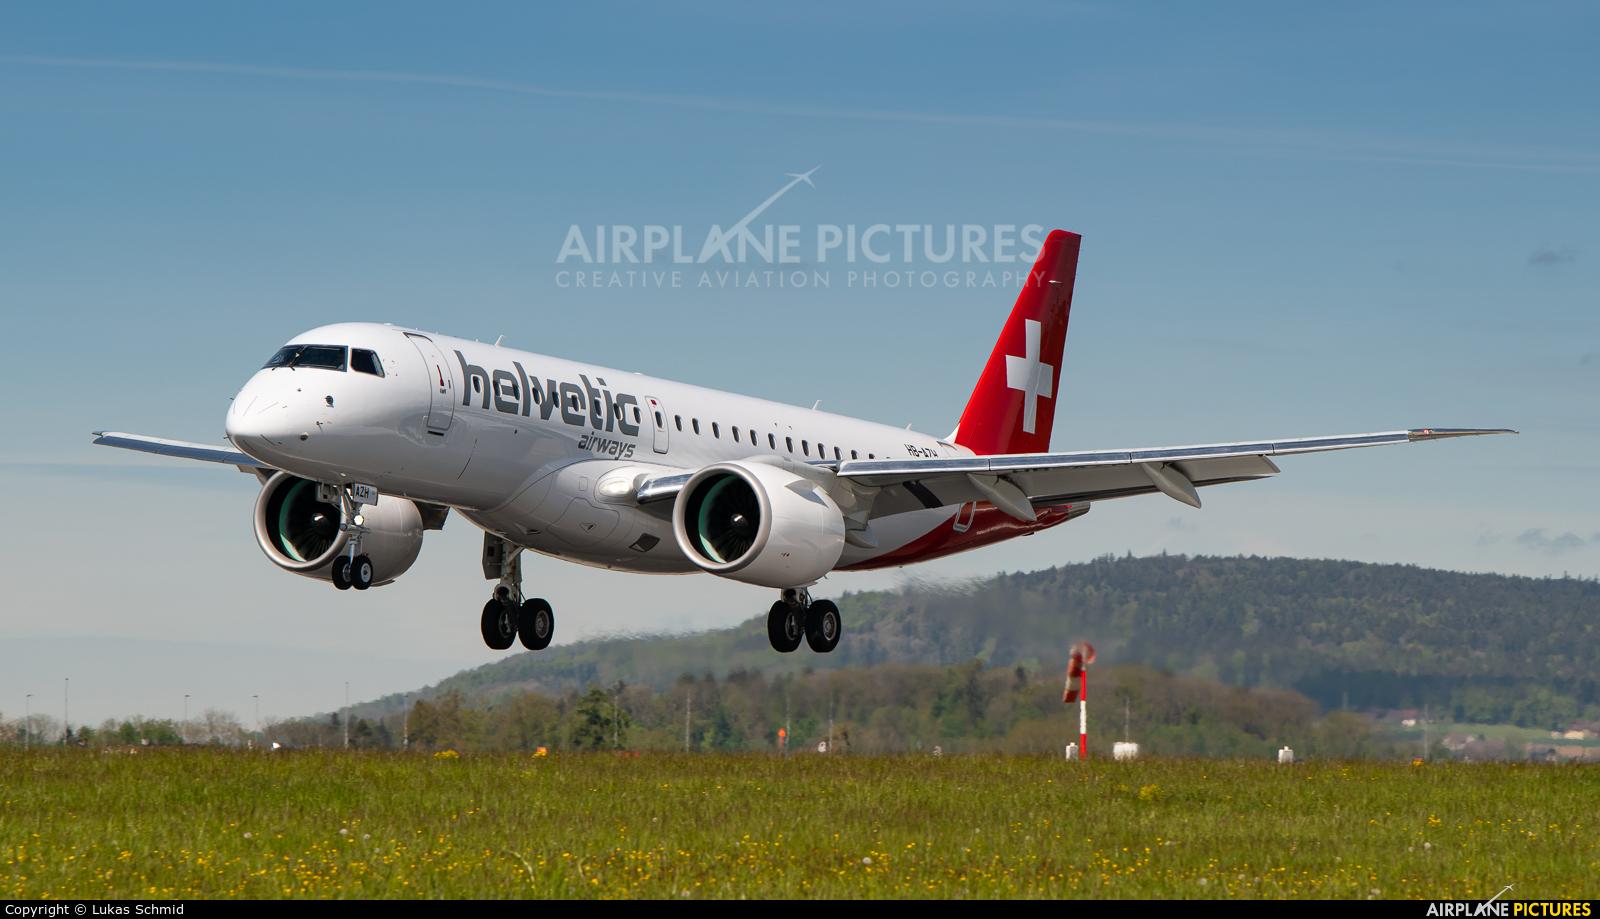 Helvetic Airways HB-AZH aircraft at Zurich